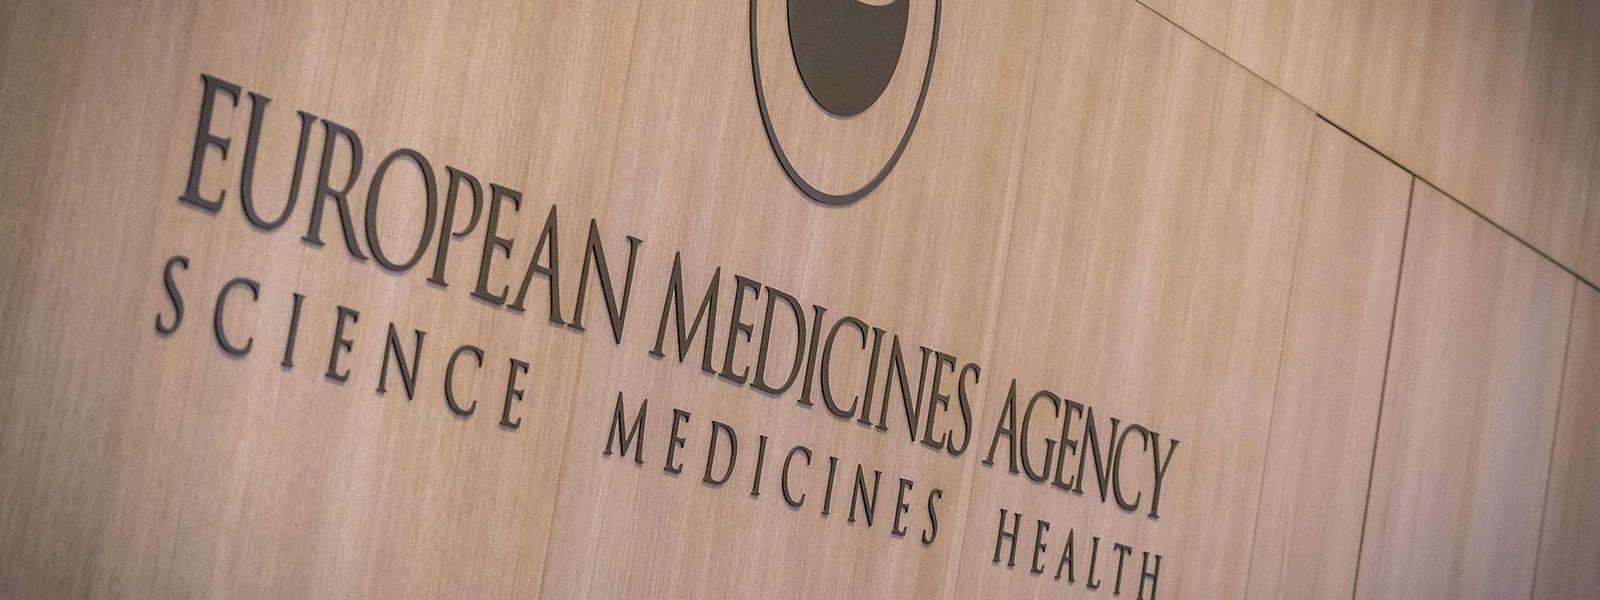 Selon les experts de l'EMA, le variant Mu «pourrait montrer un risque potentiel d'échappement immunitaire». En clair, être résistant aux vaccins actuels.